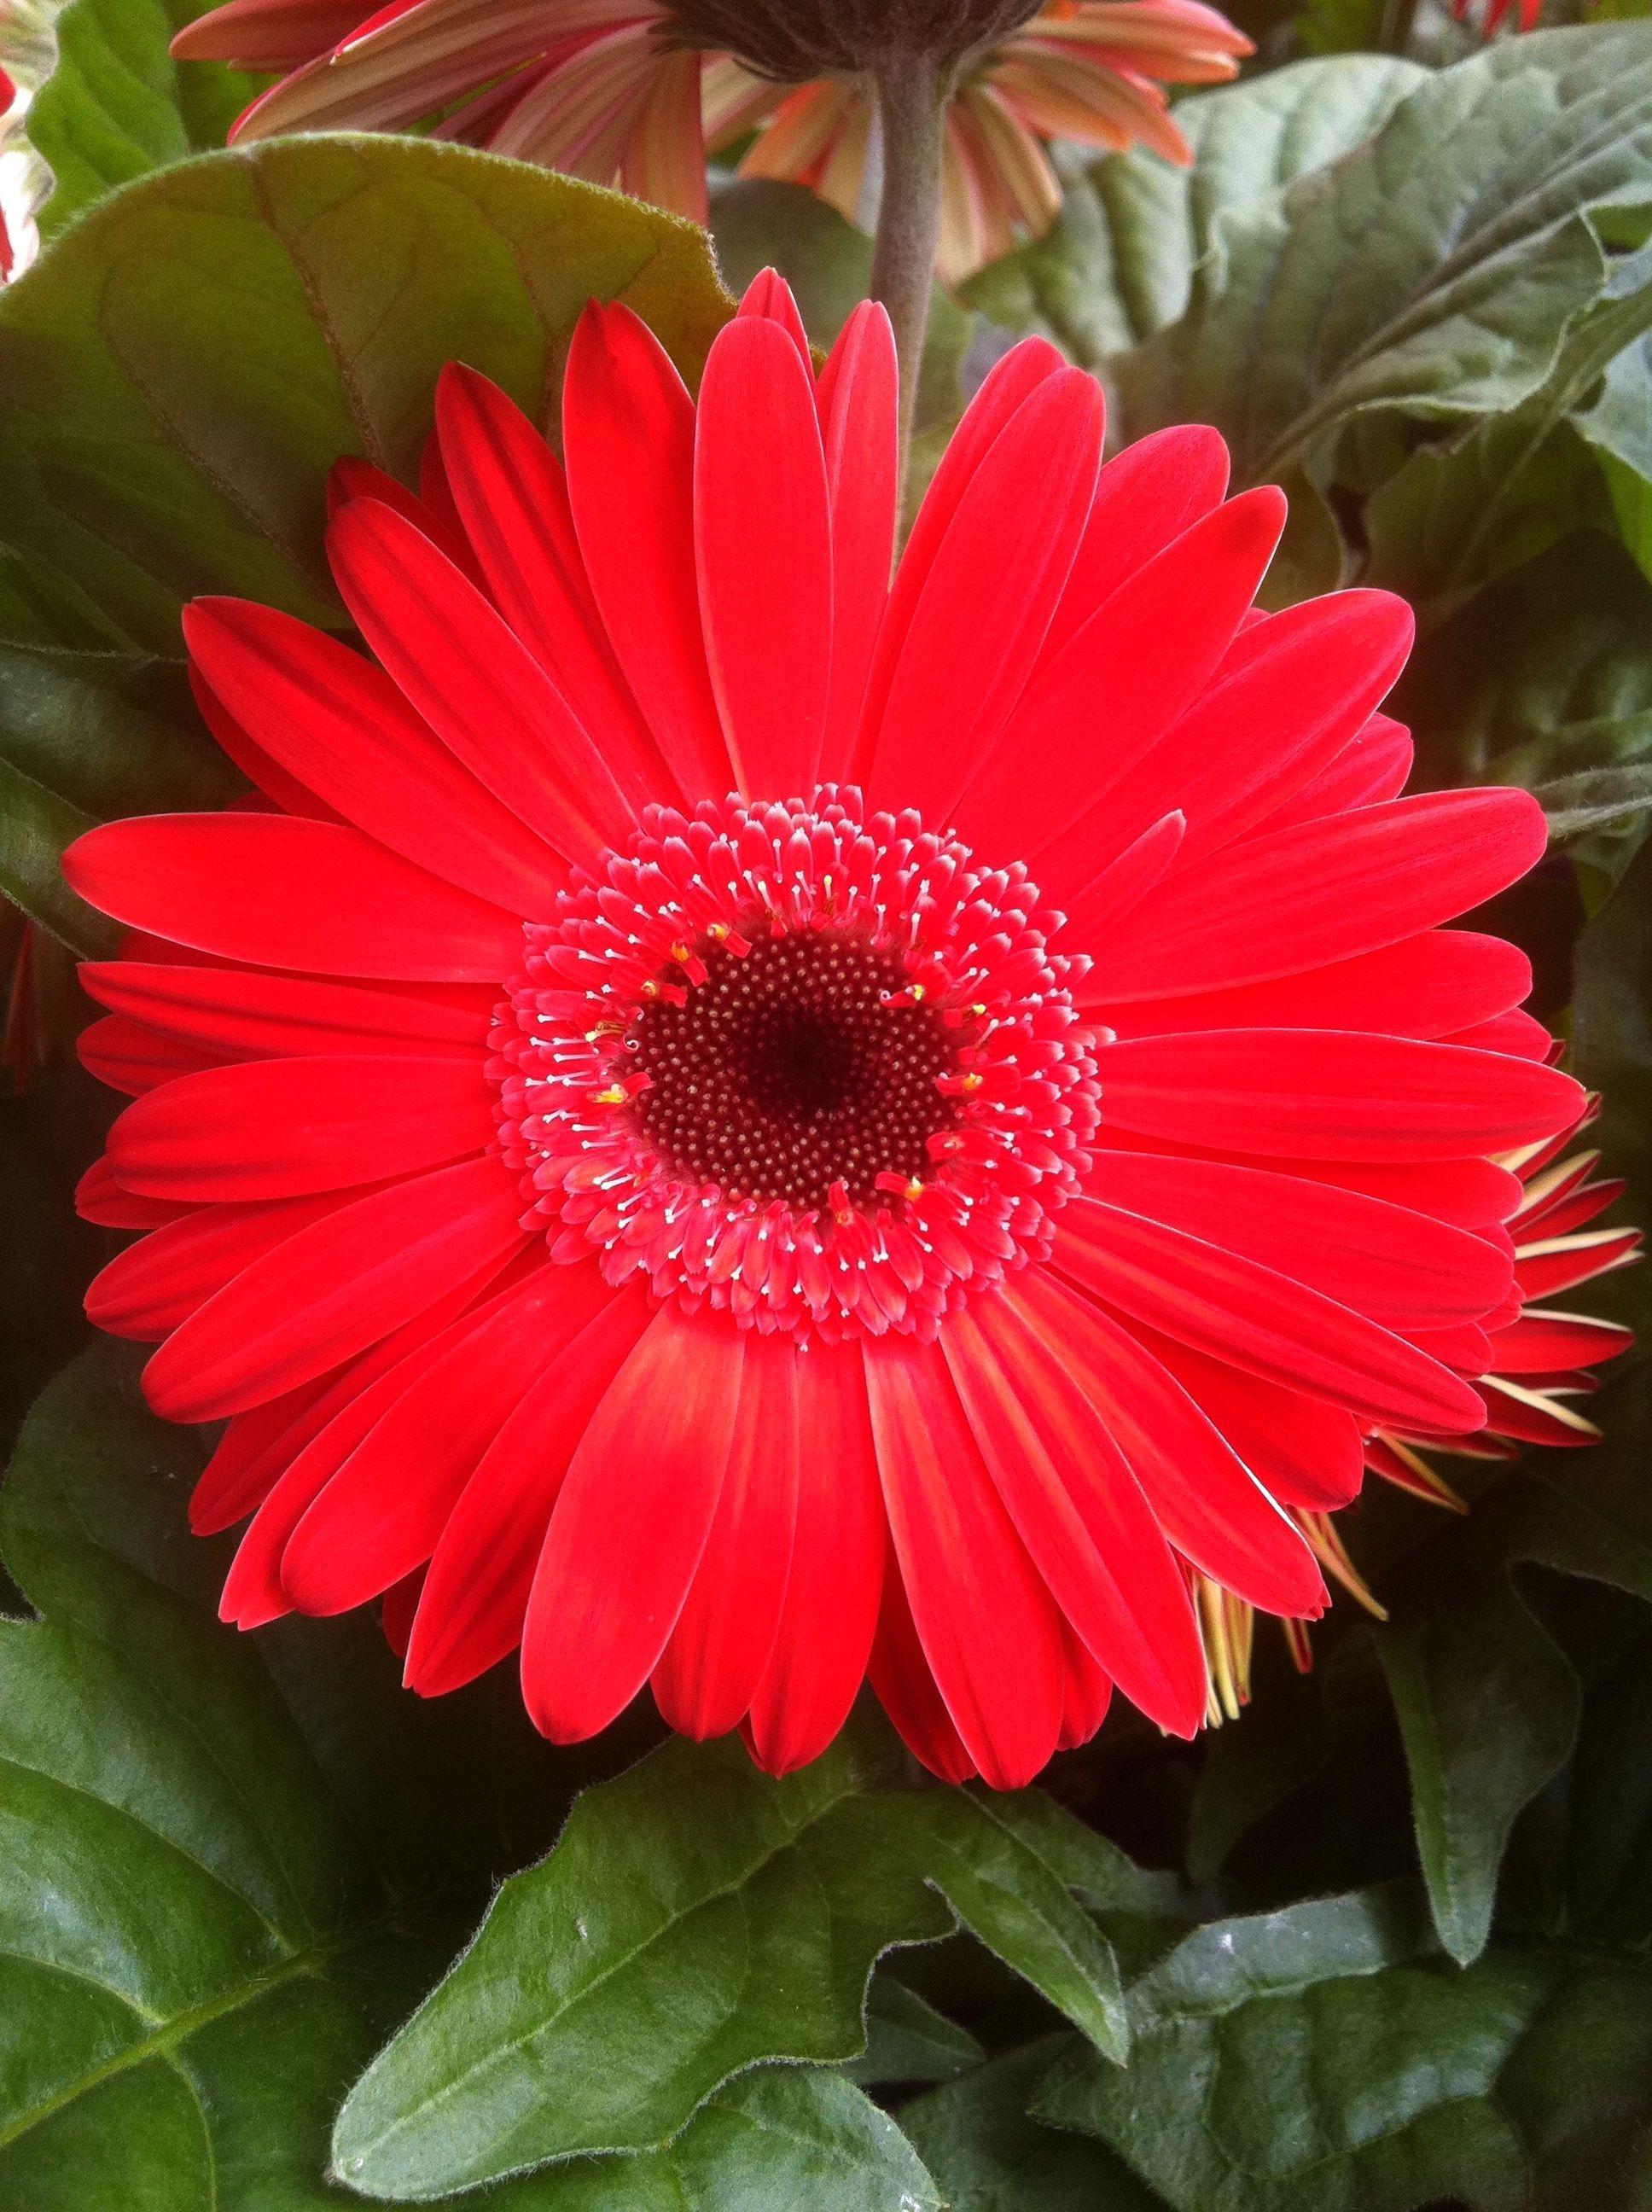 Pin By Klepac Greenhouses Inc On Gerbera Daisies Daisy Art Flower Wallpaper Sunflower Art